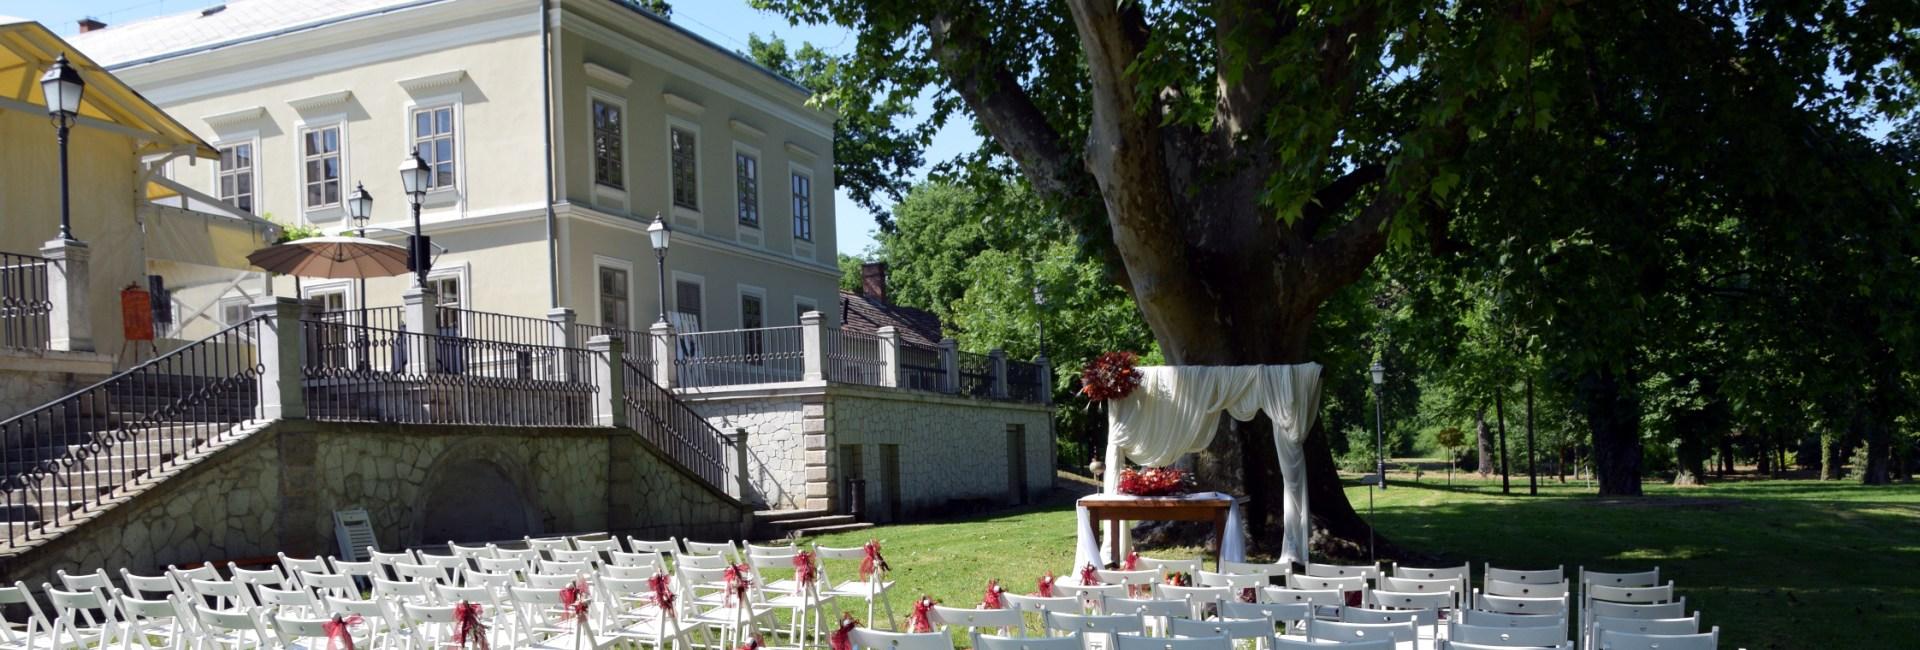 Degenfeld Schonburg Castle